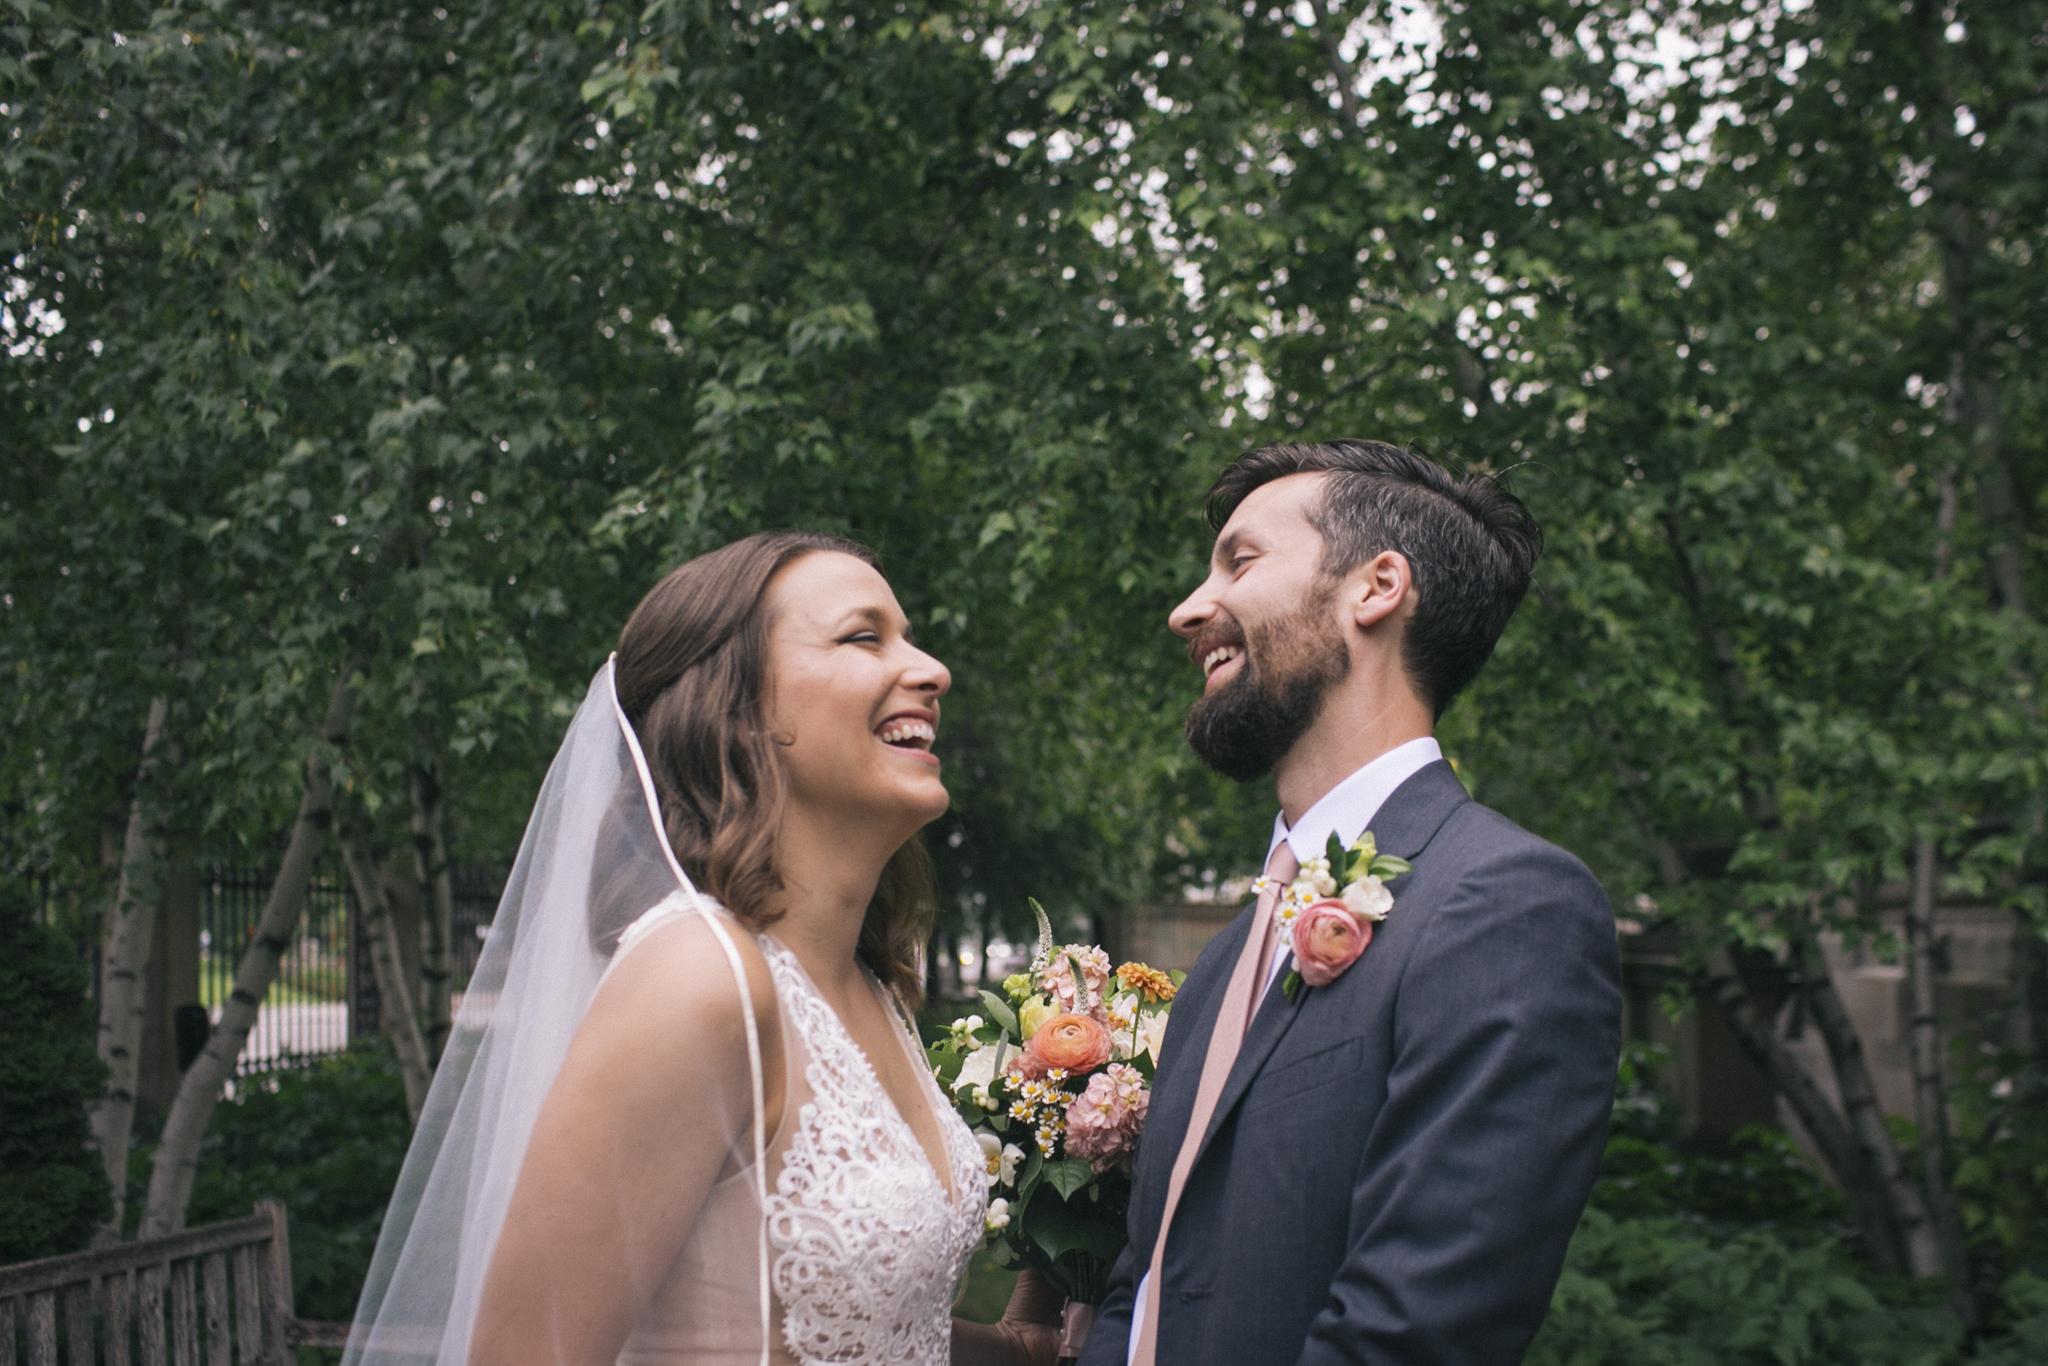 harlan_megmike_wedding_24.jpg